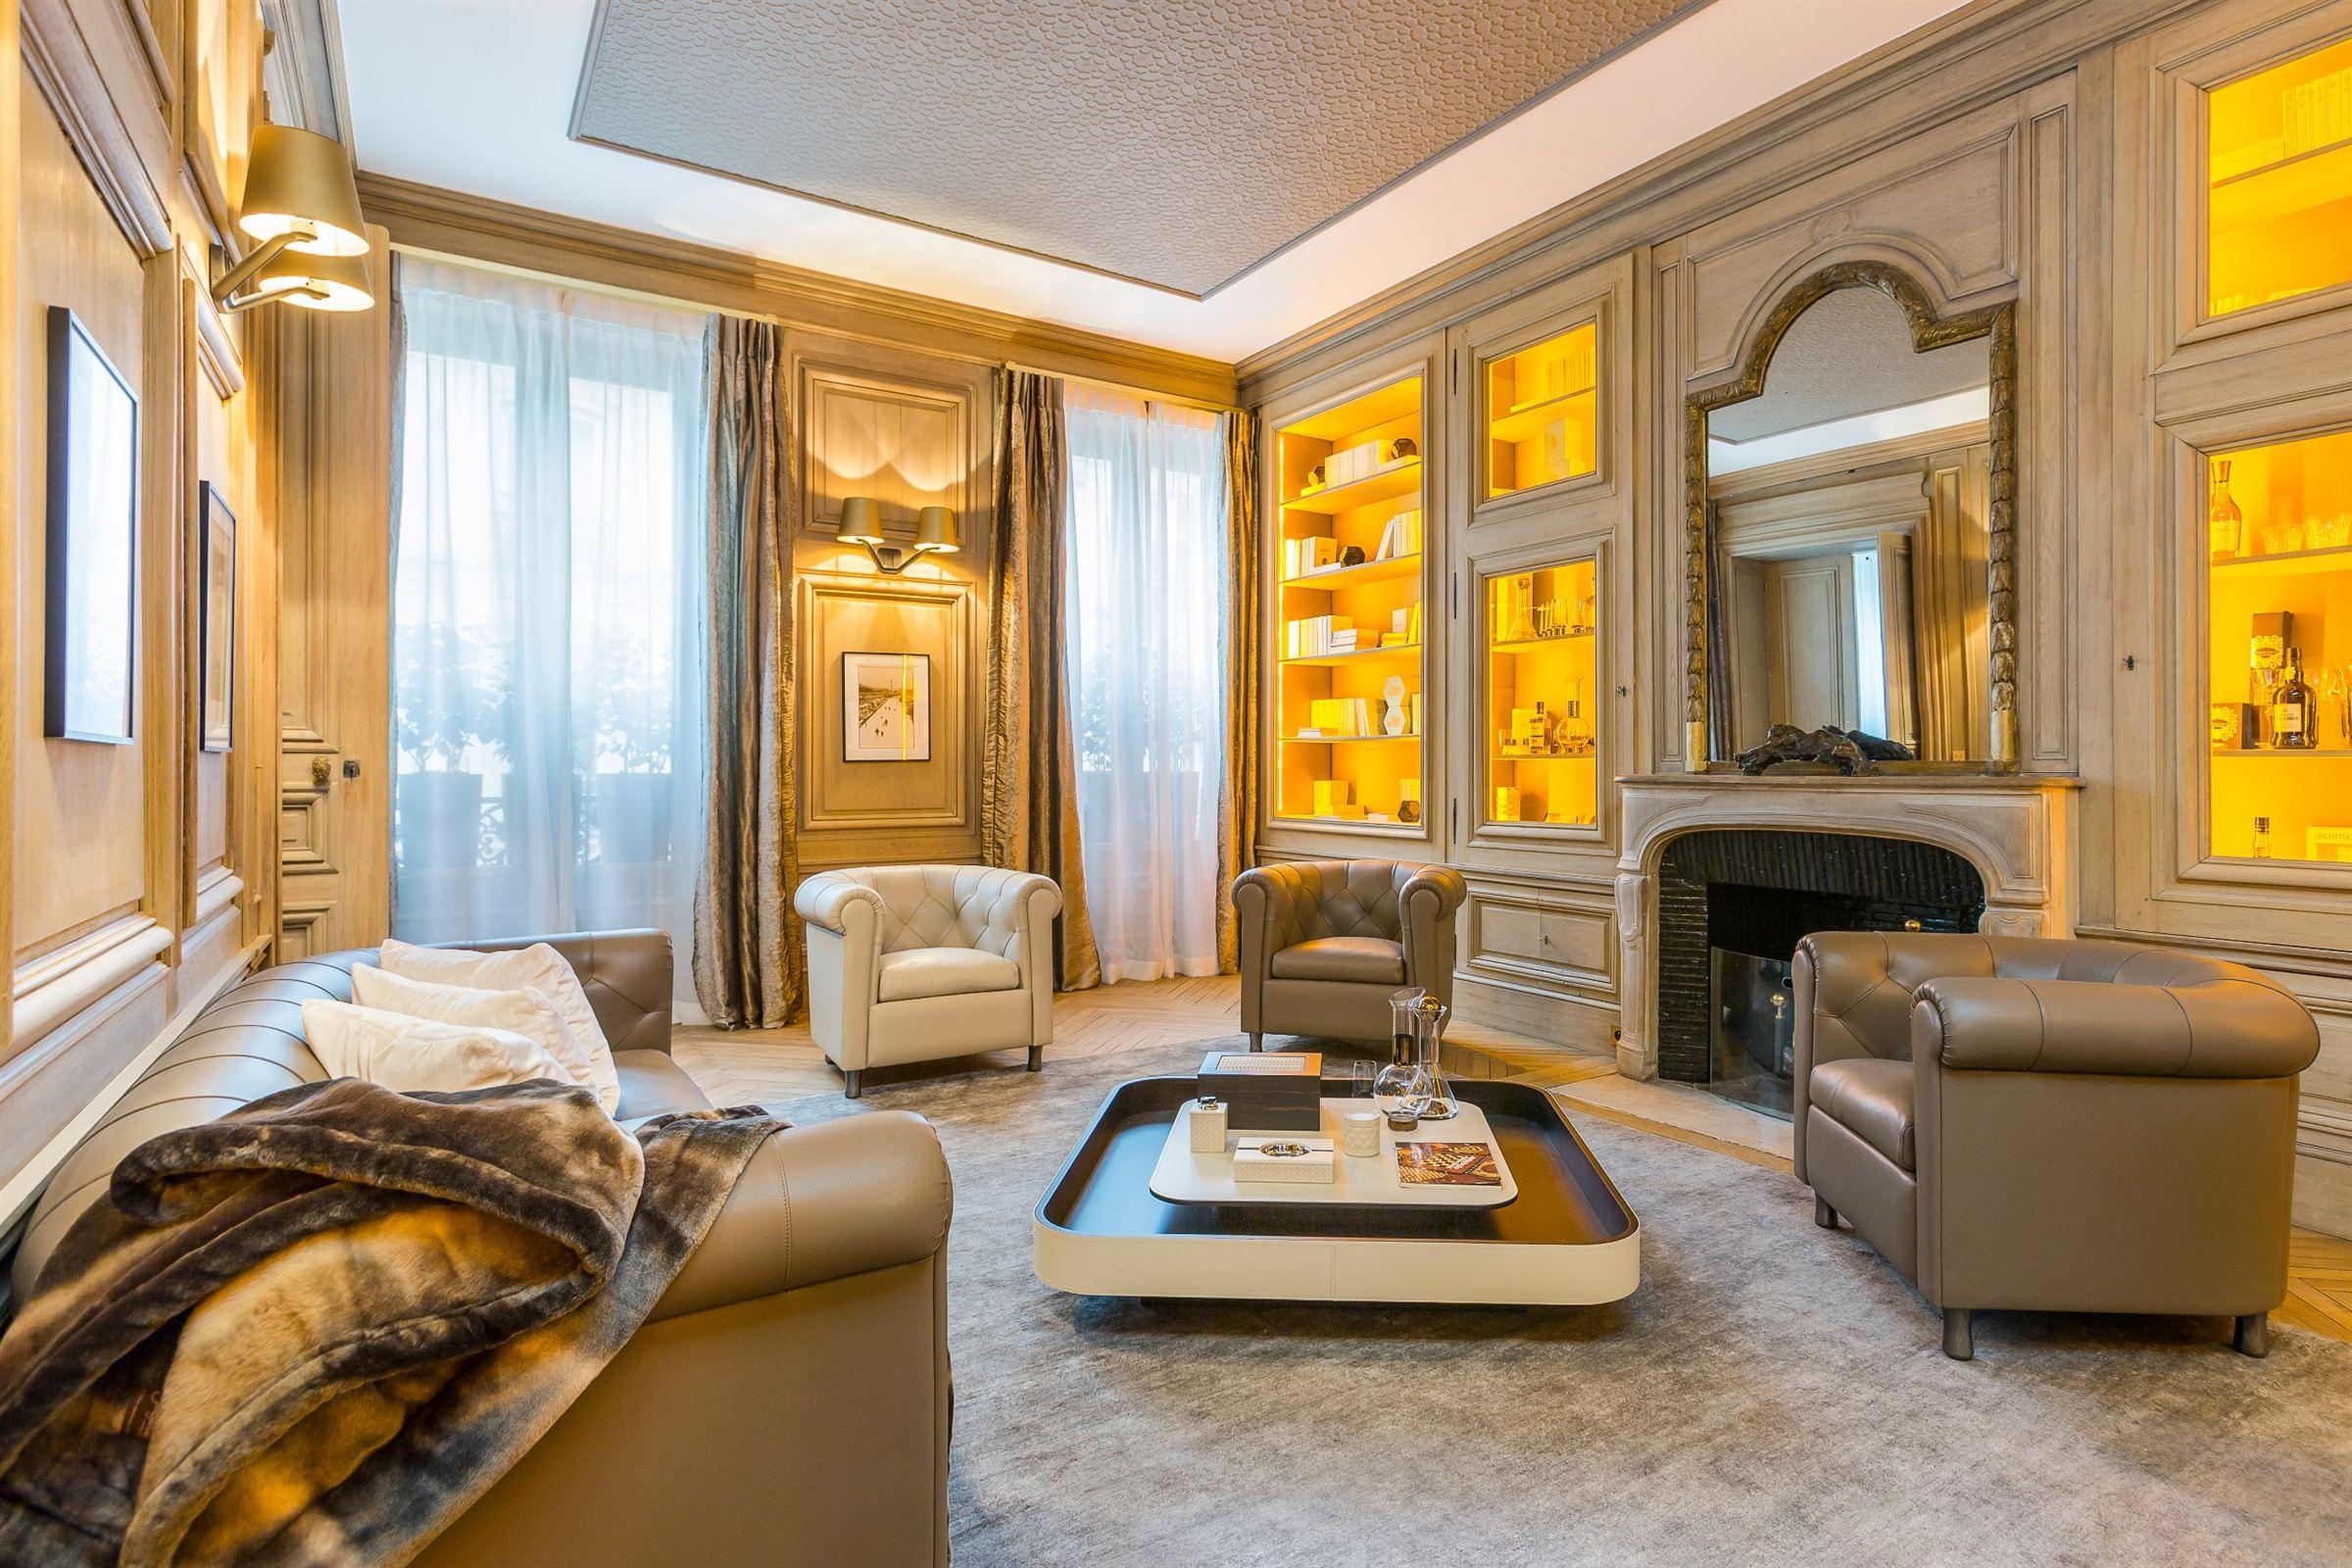 Căn hộ vì Bán tại Prestigious apartment for sale, Paris 8 - Faubourg Saint Honoré, 3 bedrooms Paris, Ile-De-France, 75008 Pháp